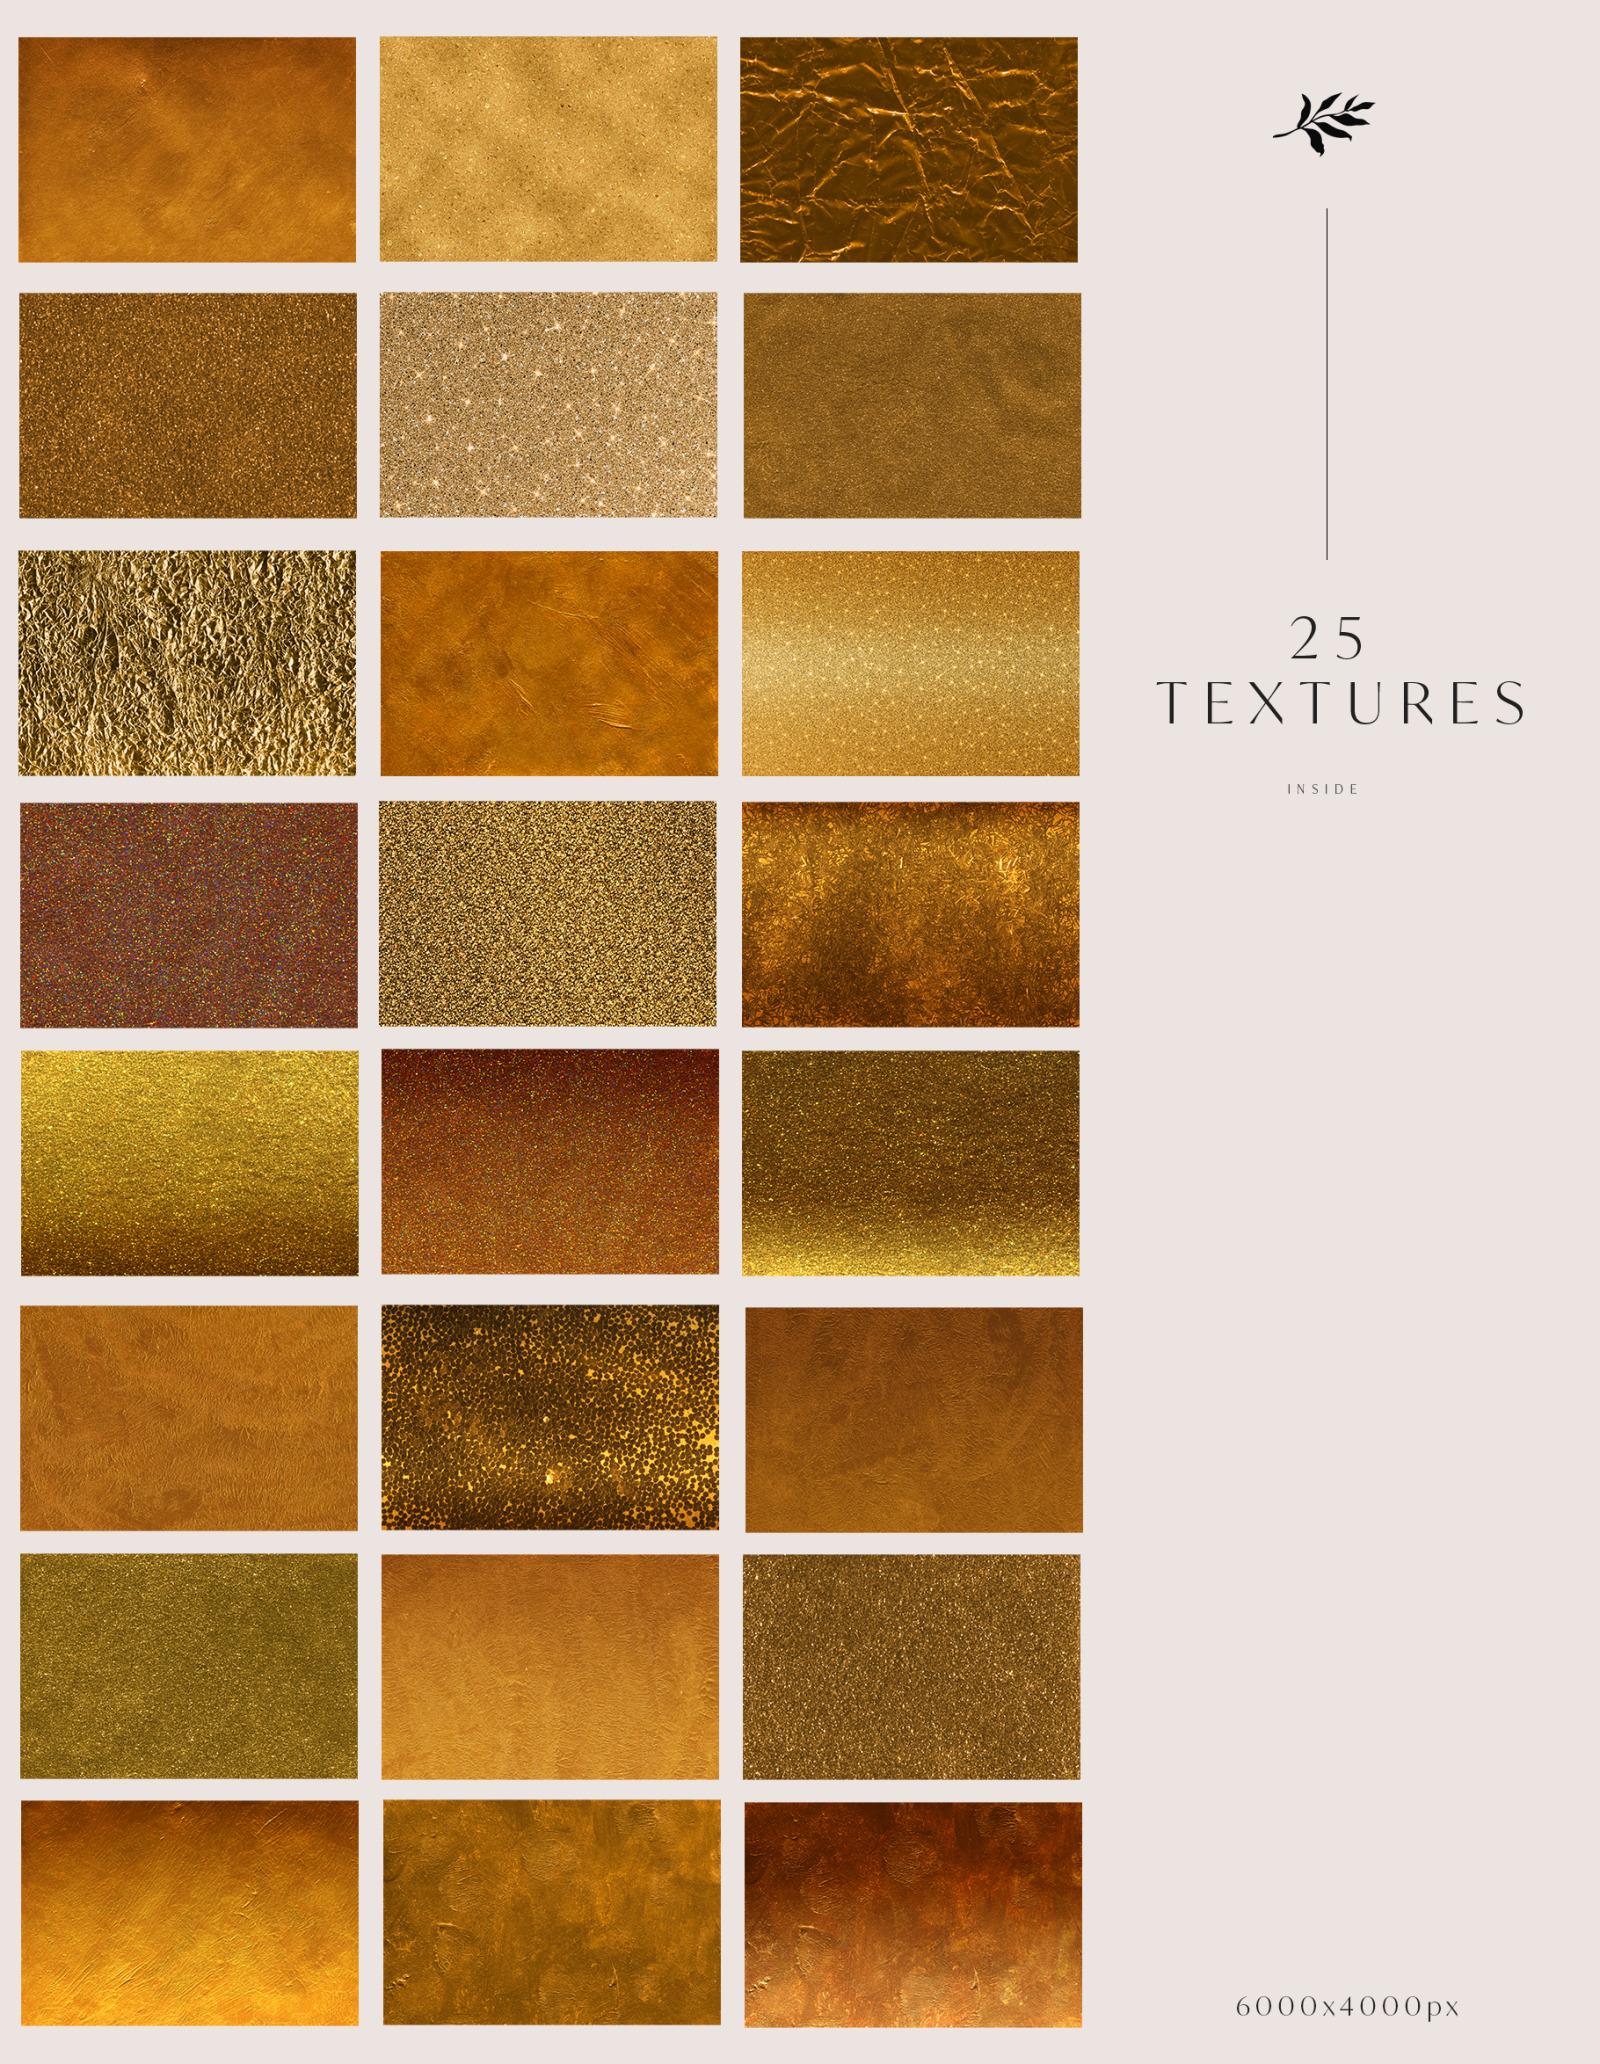 25 Golden Age Luxury Textures